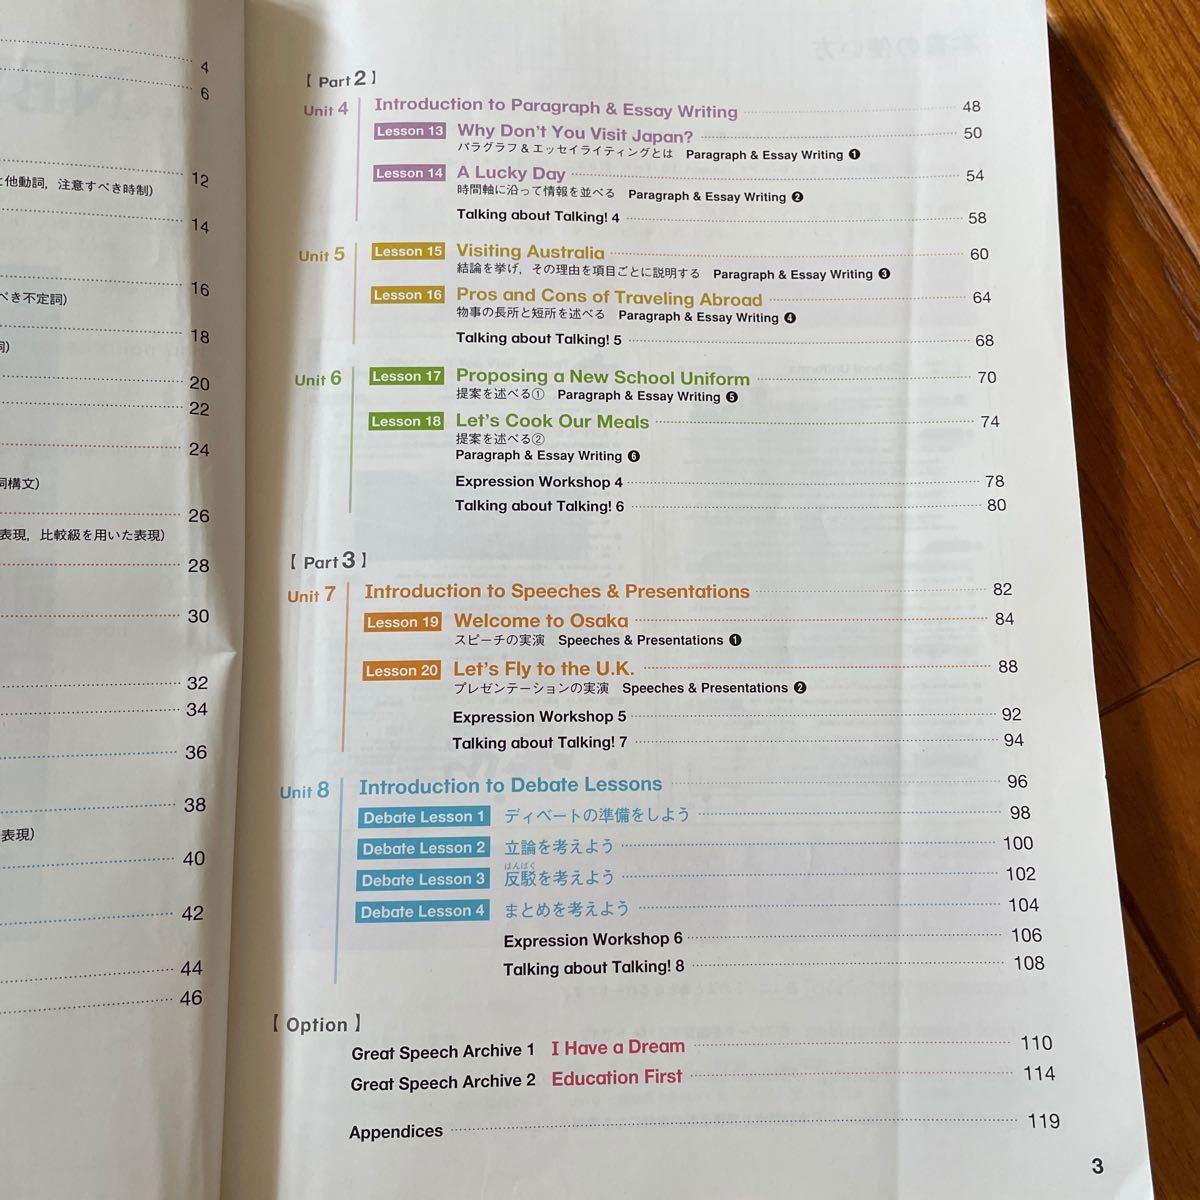 東京書籍 英語 高校教科書 英2 317 NEW FAVORITE English Expression 2 英語教科書